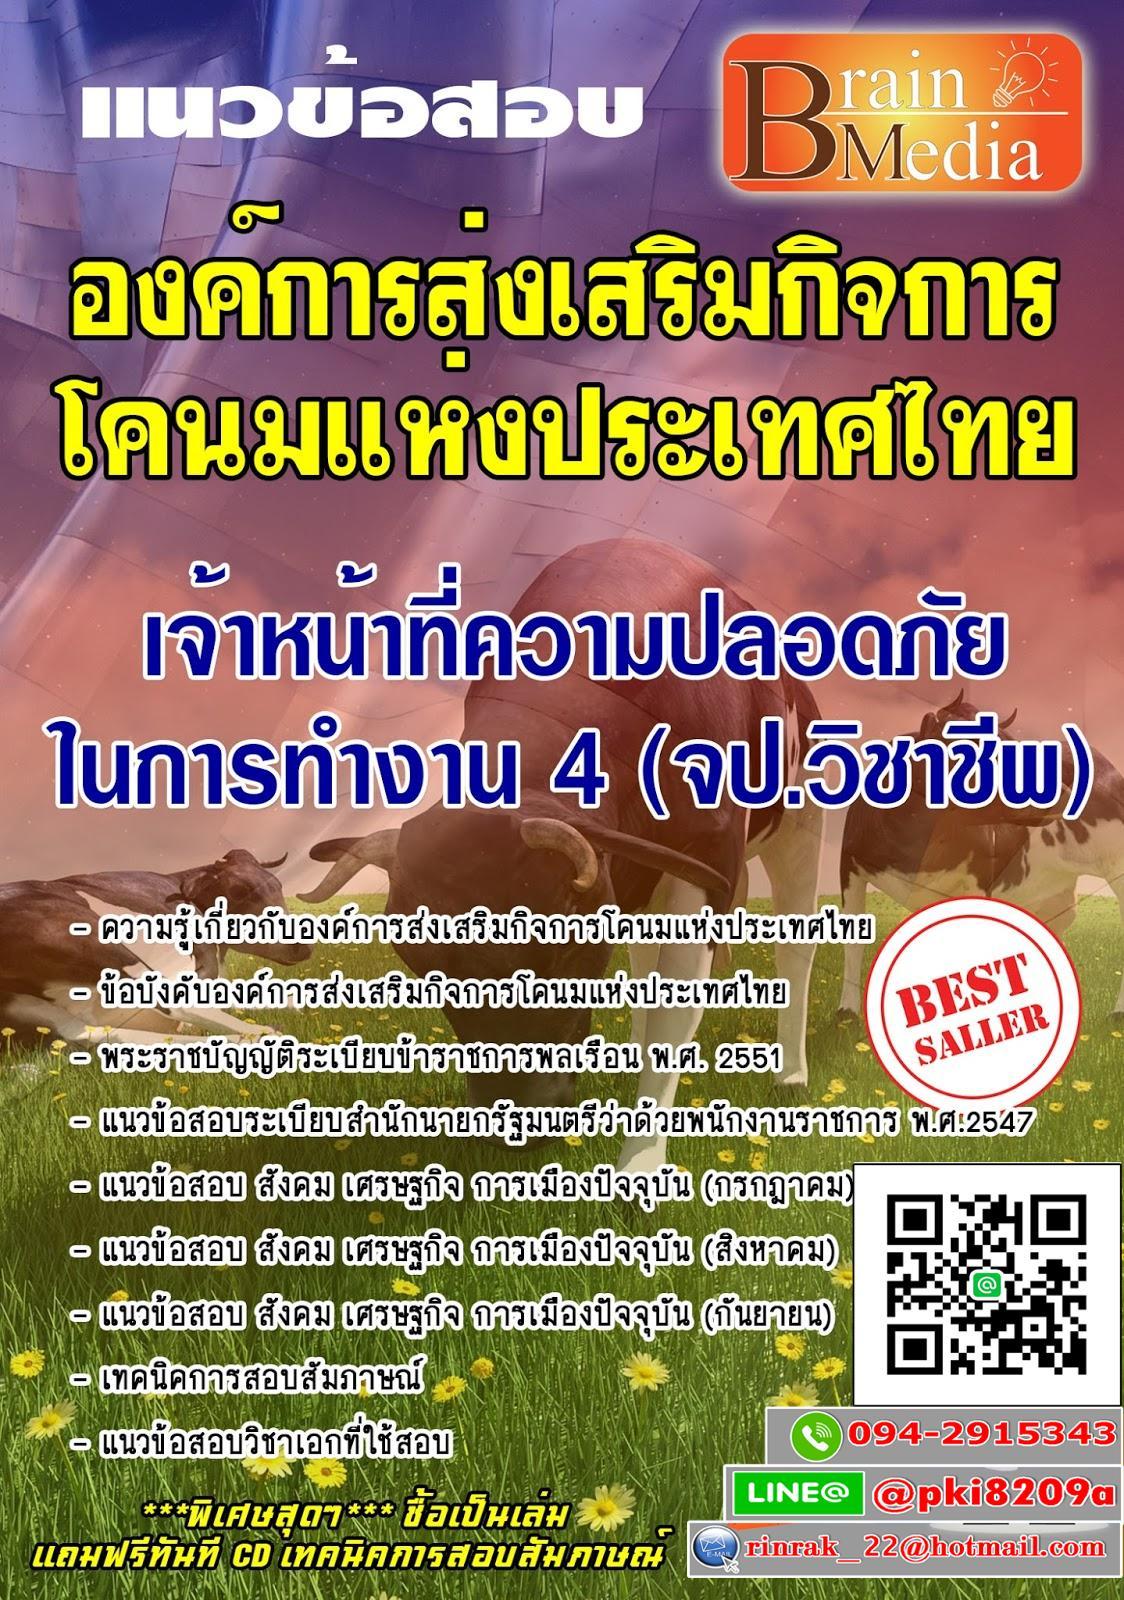 สรุปแนวข้อสอบ เจ้าหน้าที่ความปลอดภัยในการทำงาน4(จป.วิชาชีพ) องค์การส่งเสริมกิจการโคนมแห่งประเทศไทย